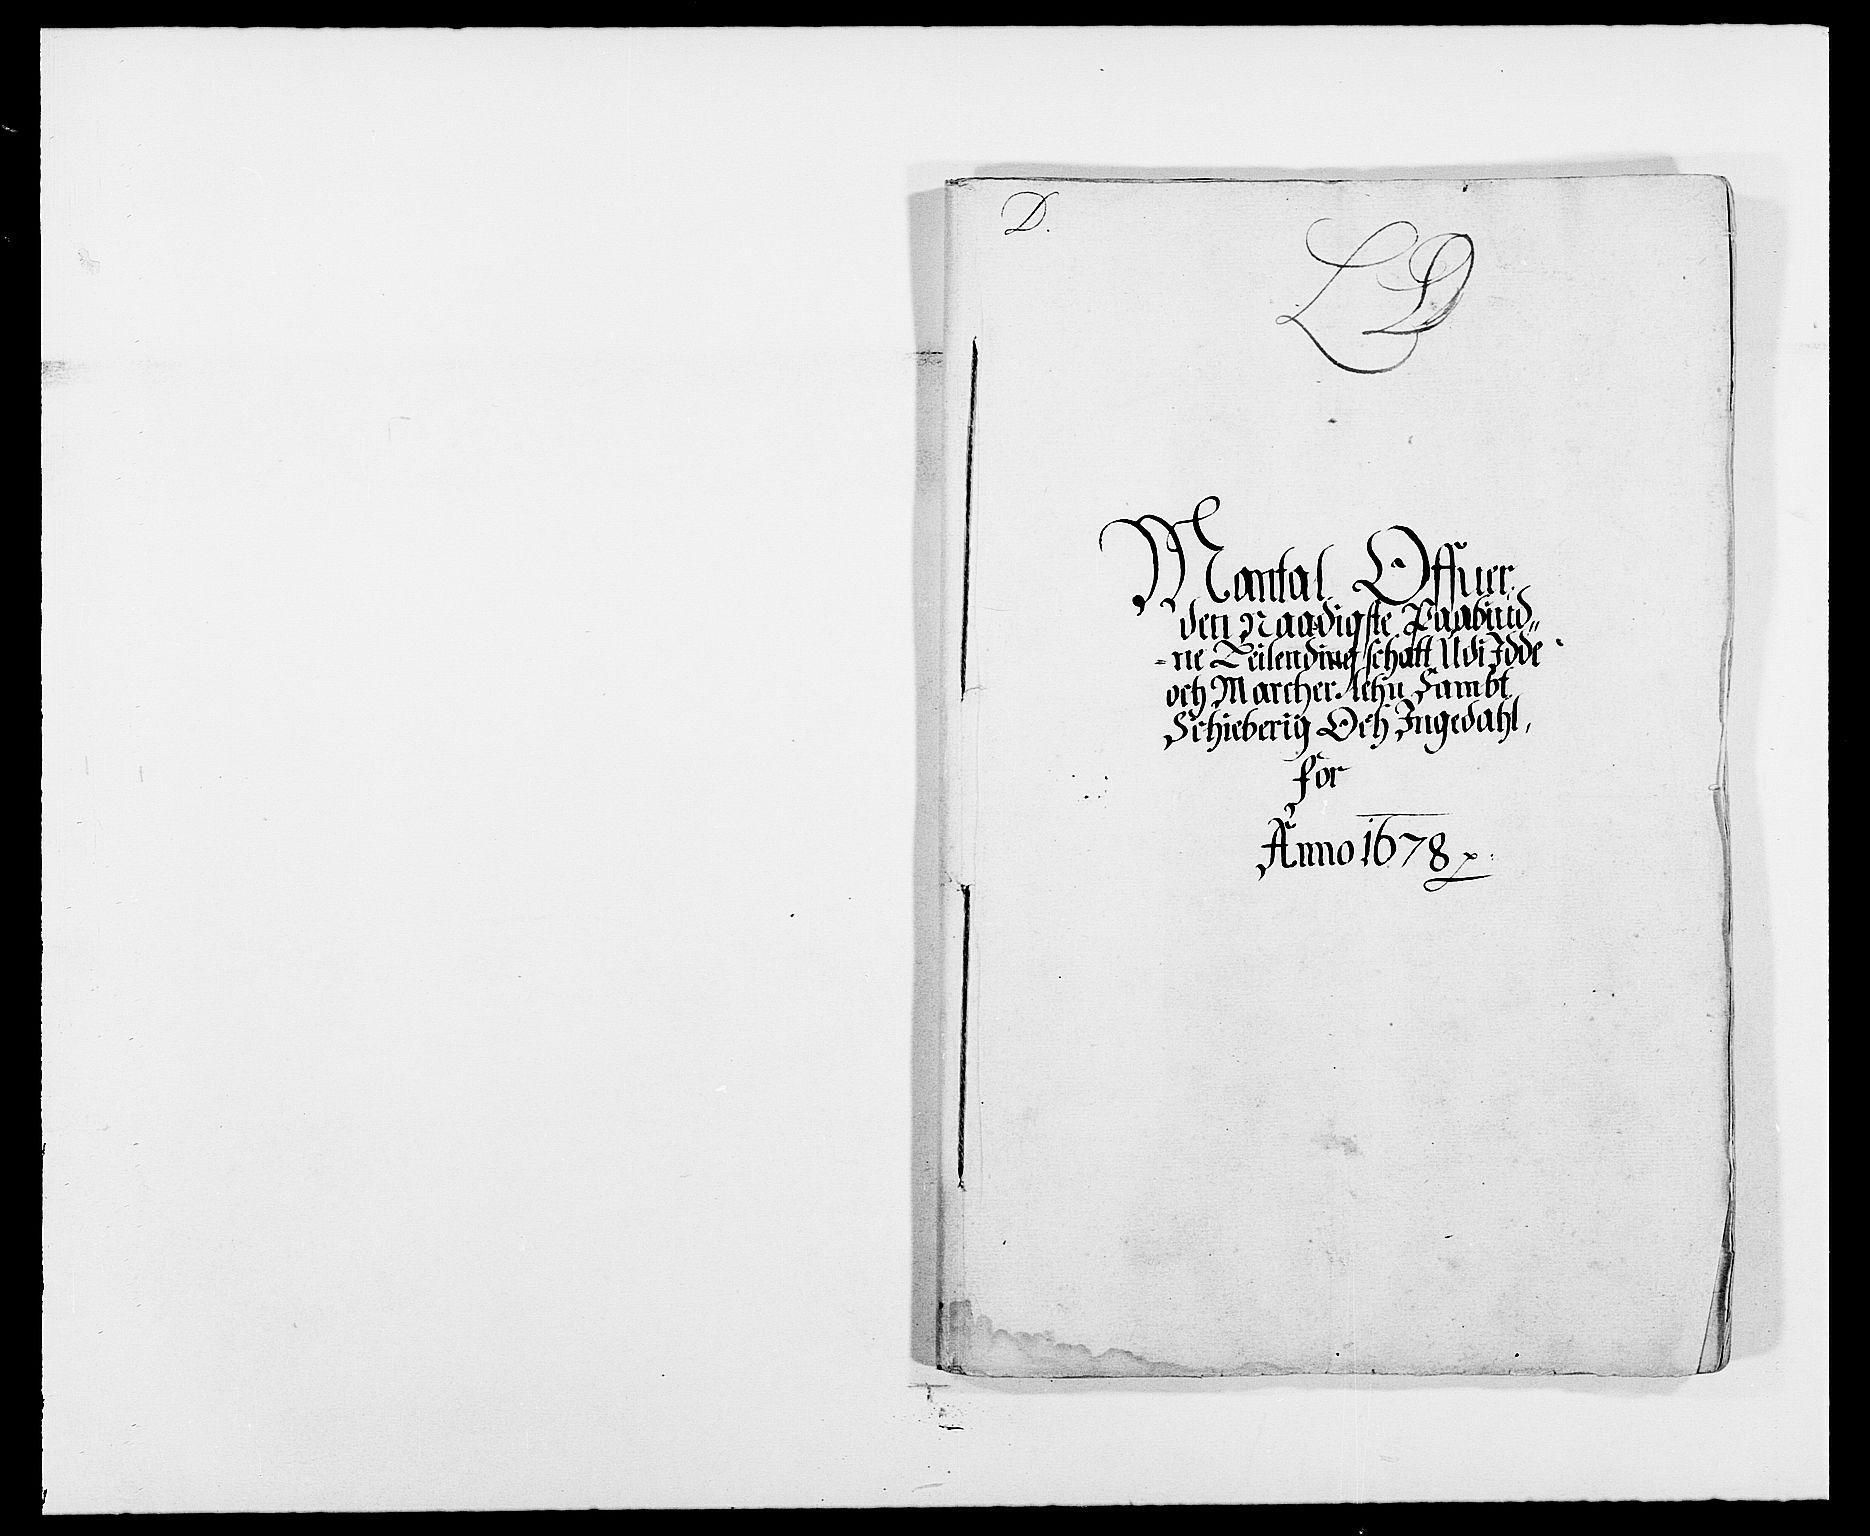 RA, Rentekammeret inntil 1814, Reviderte regnskaper, Fogderegnskap, R01/L0001: Fogderegnskap Idd og Marker, 1678-1679, s. 71